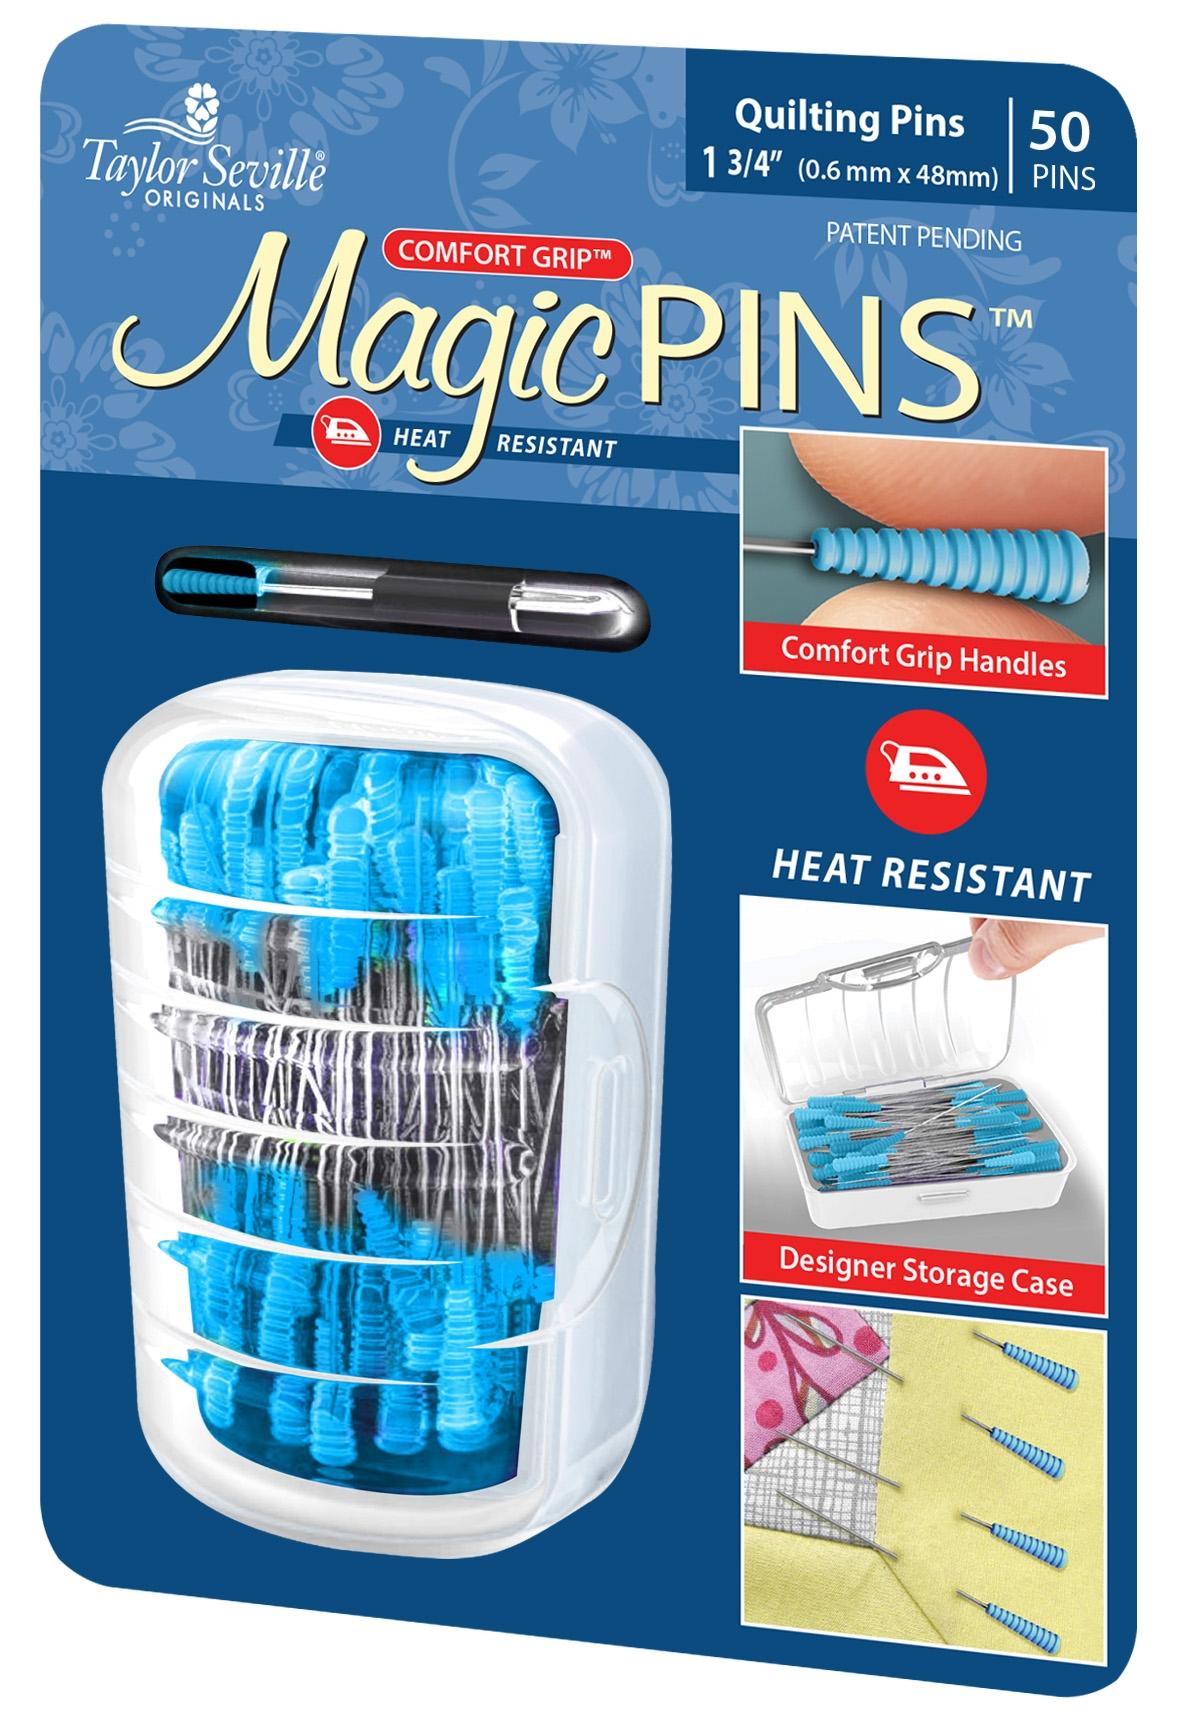 Magic Pins Quilting Pins - 50 Pins